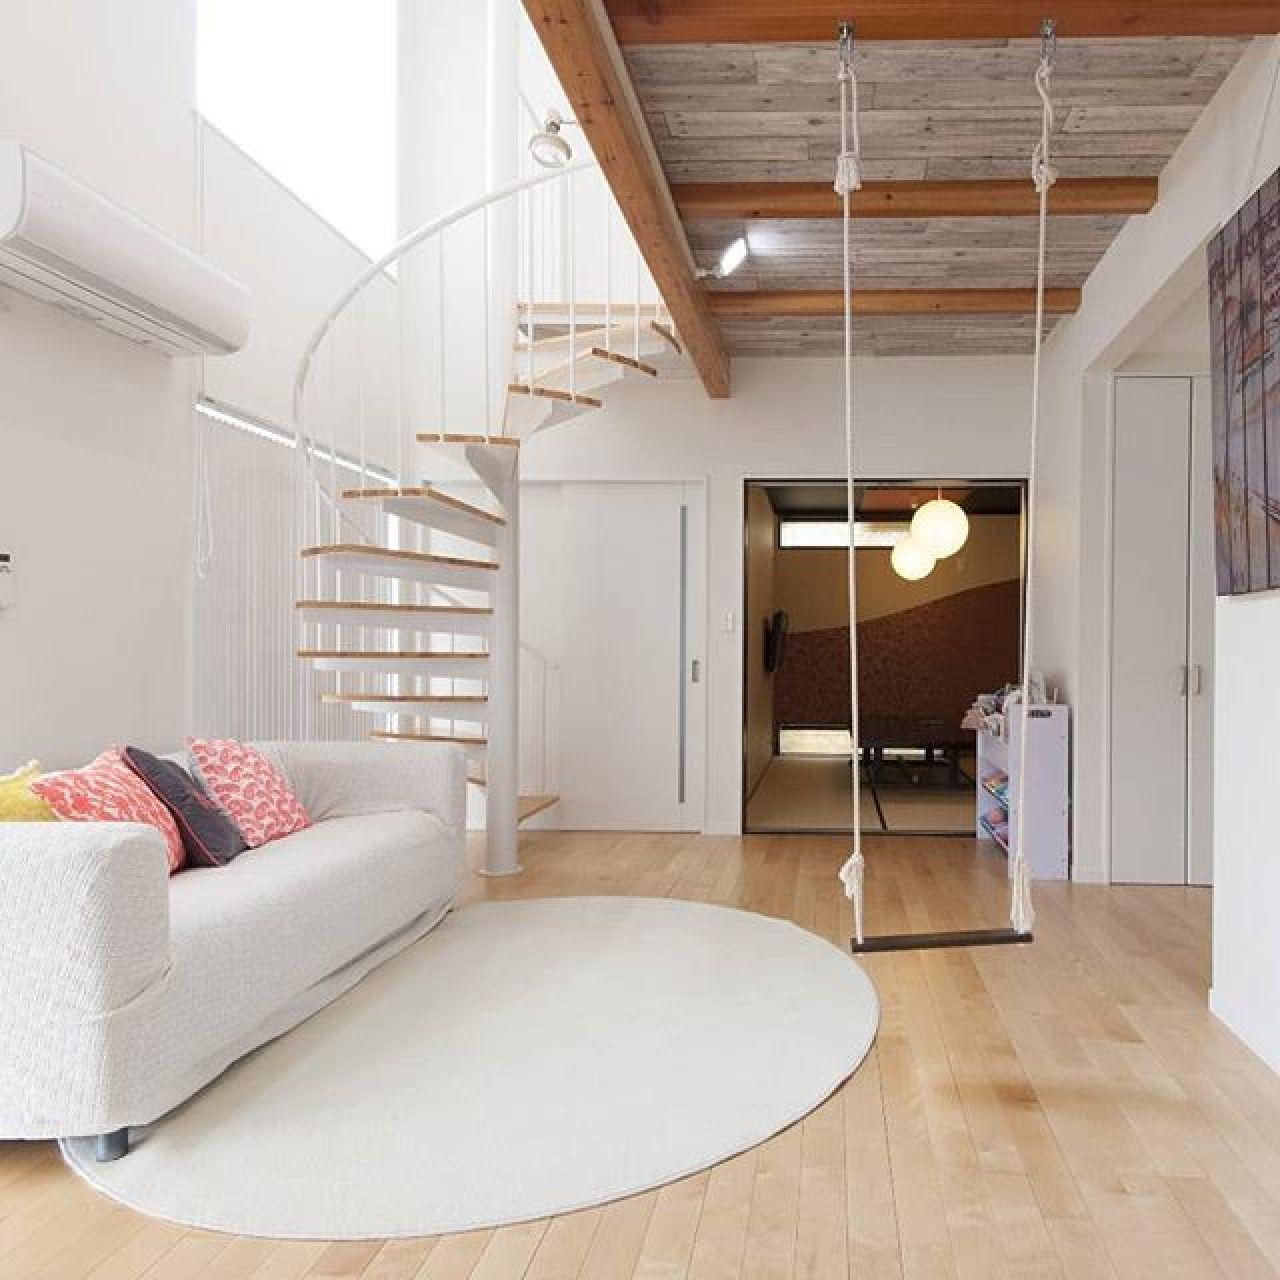 リビングに螺旋階段、ブランコを設置した遊び心満載の家。#ブランコ #螺旋階段 #化粧梁 #リビング #吹き抜けリビング #吹き抜け階段 #高気密住宅 #高断熱住宅 #外張り断熱 #自然素材の家 #注文住宅新築